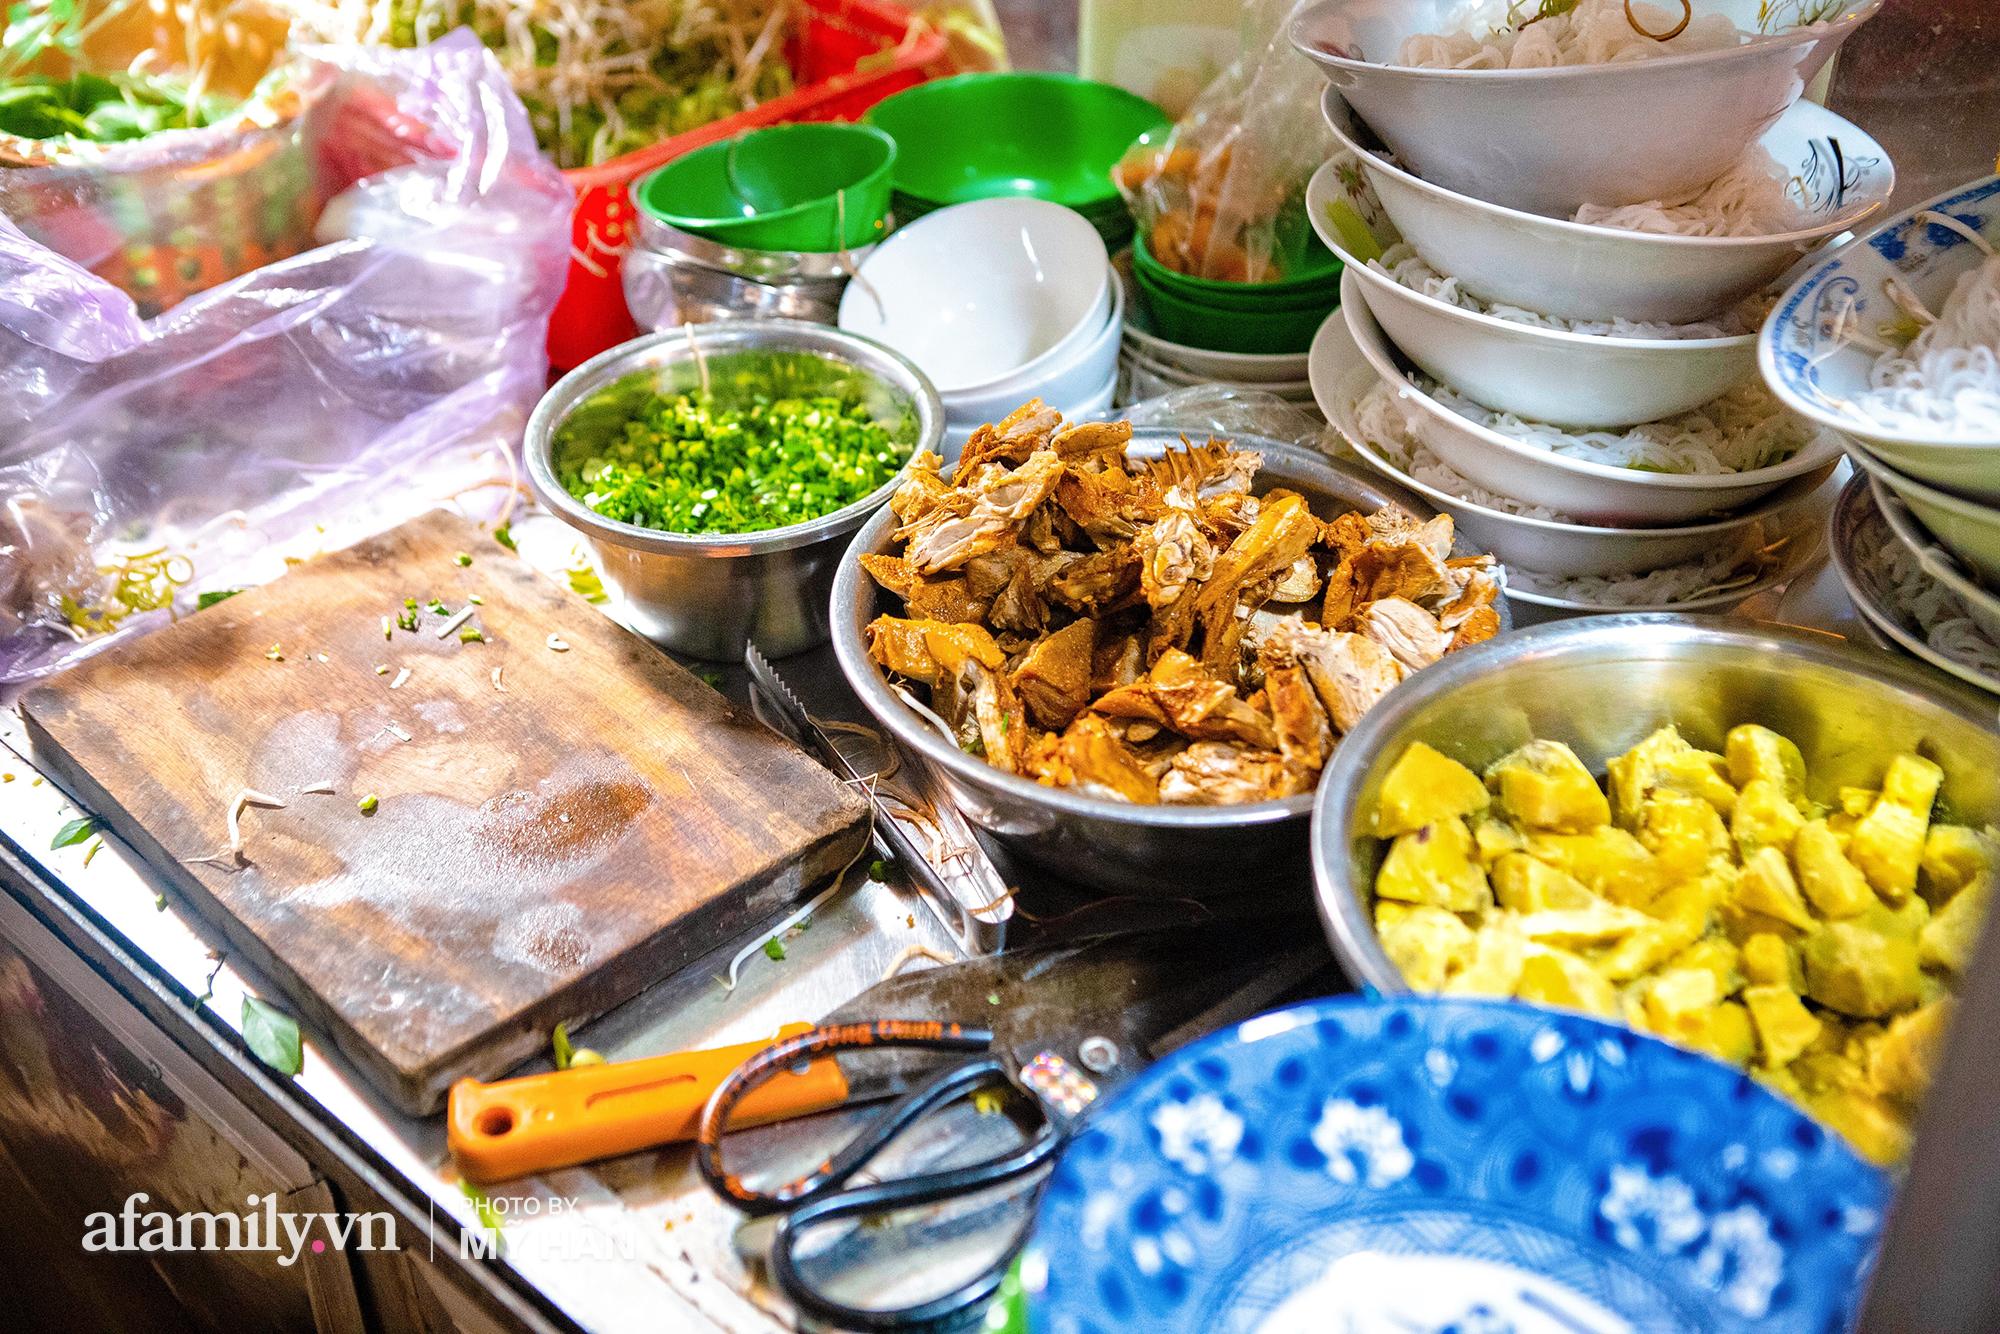 Nếu Ấn Độ là nước ăn cà ri nhiều nhất thế giới thì có một nơi ở miền Tây mà người dân ăn cà ri nhiều nhất Việt Nam, y như cách người Sài Gòn chọn cơm tấm để ăn sáng! - Ảnh 8.